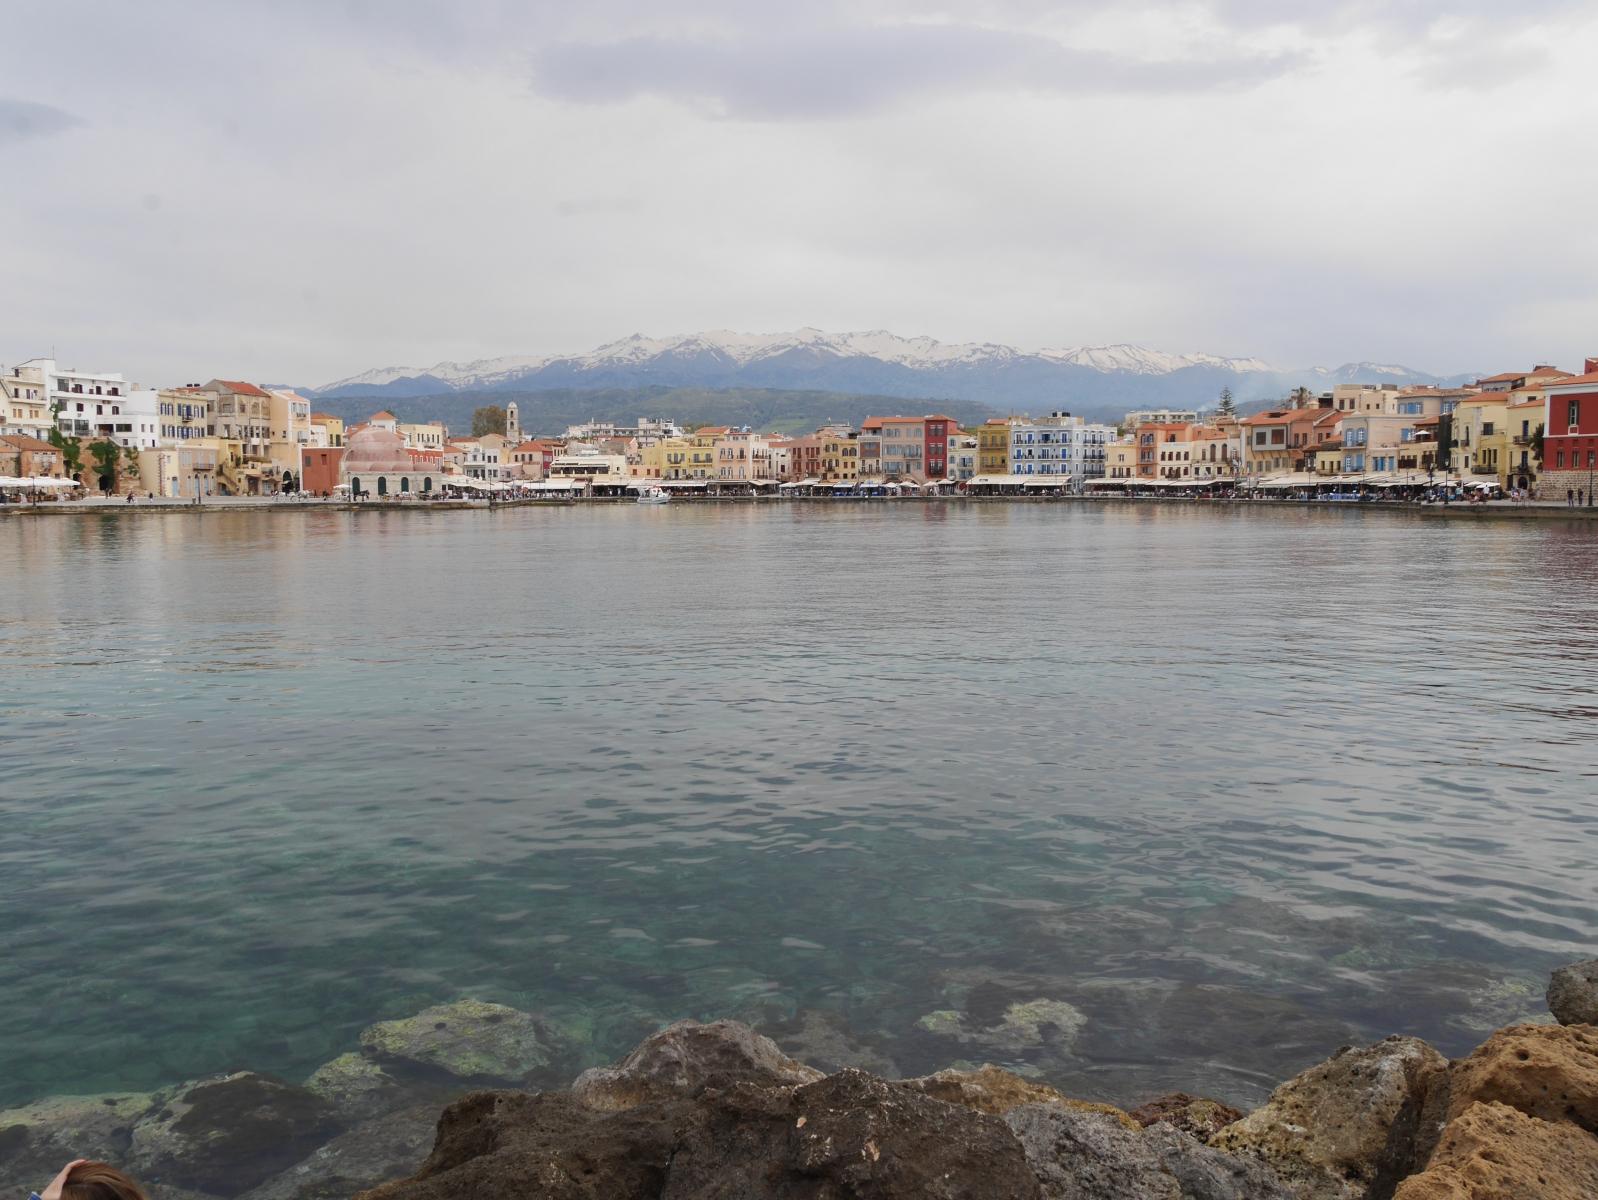 Blick auf die Altstadt Rethymno von der schützenden Kaimauer aus.